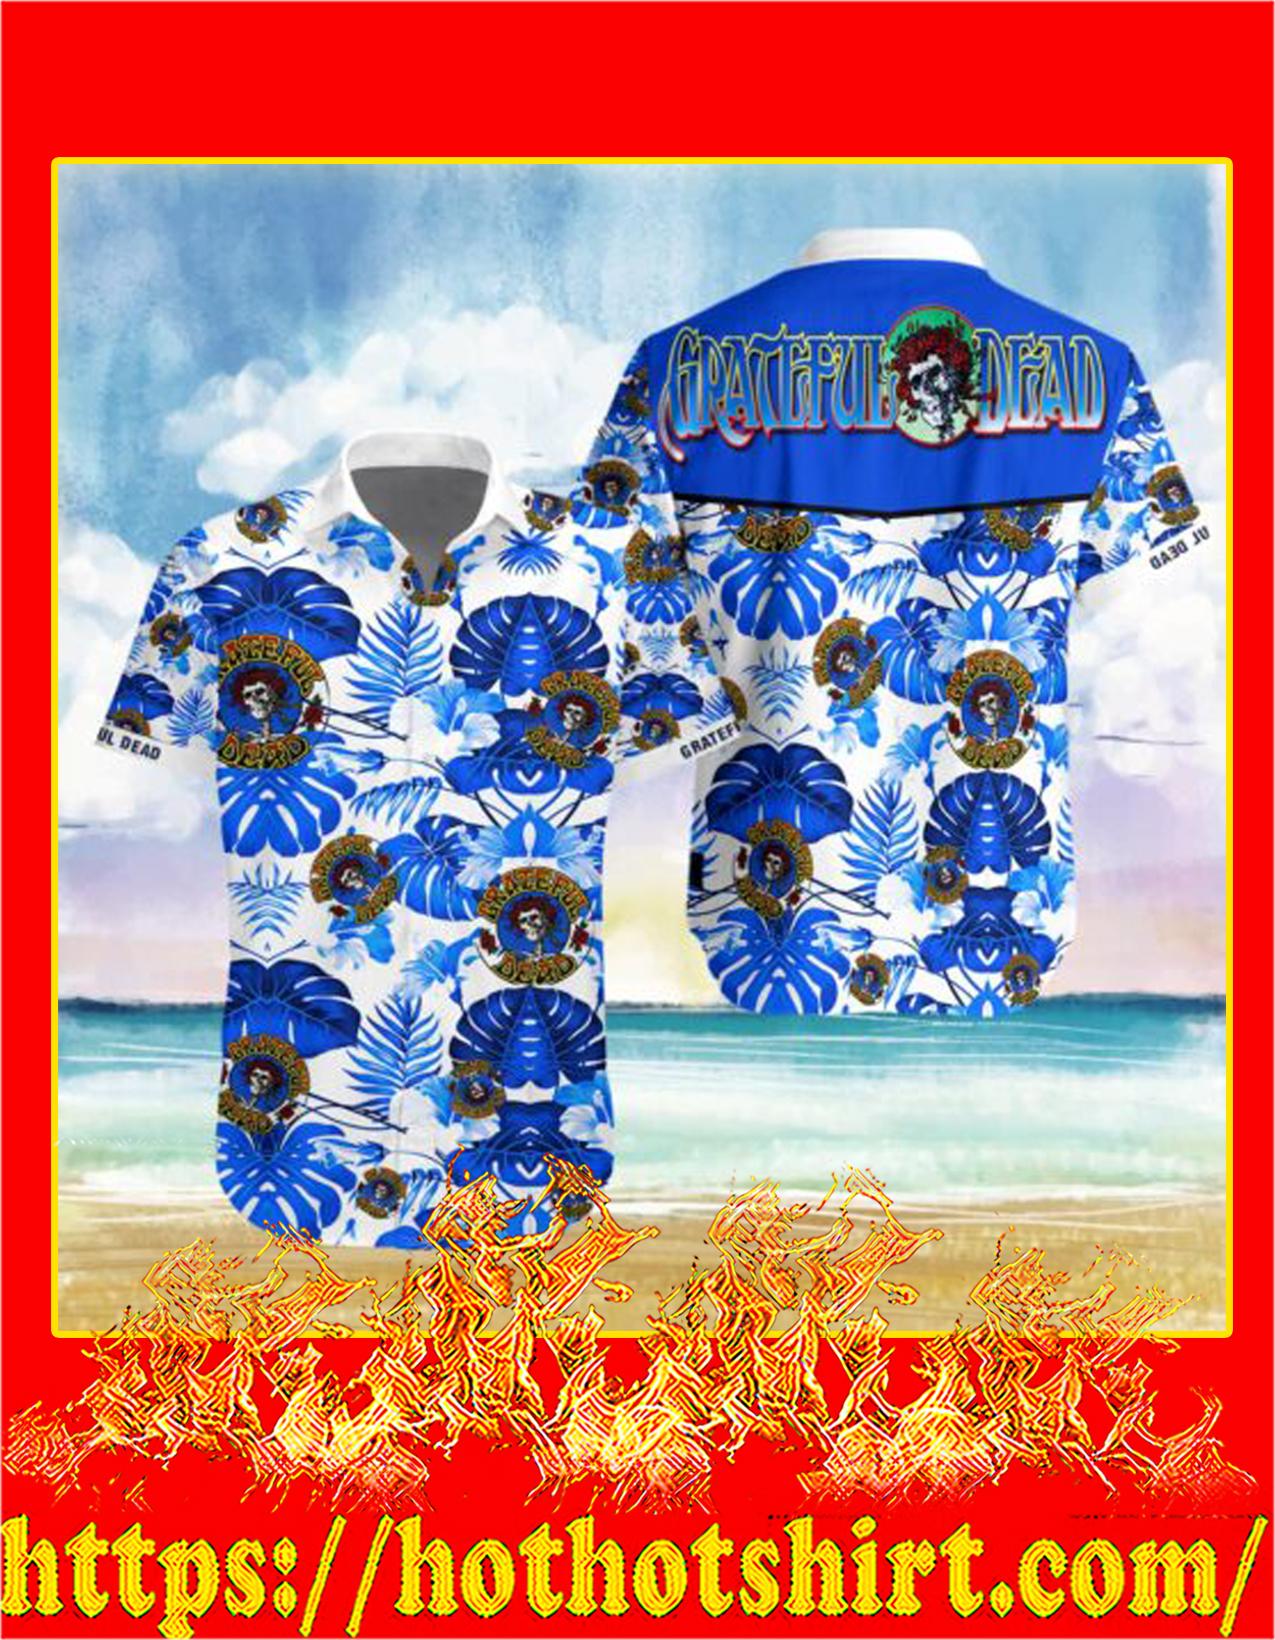 Grateful dead hawaiian shirt - detail